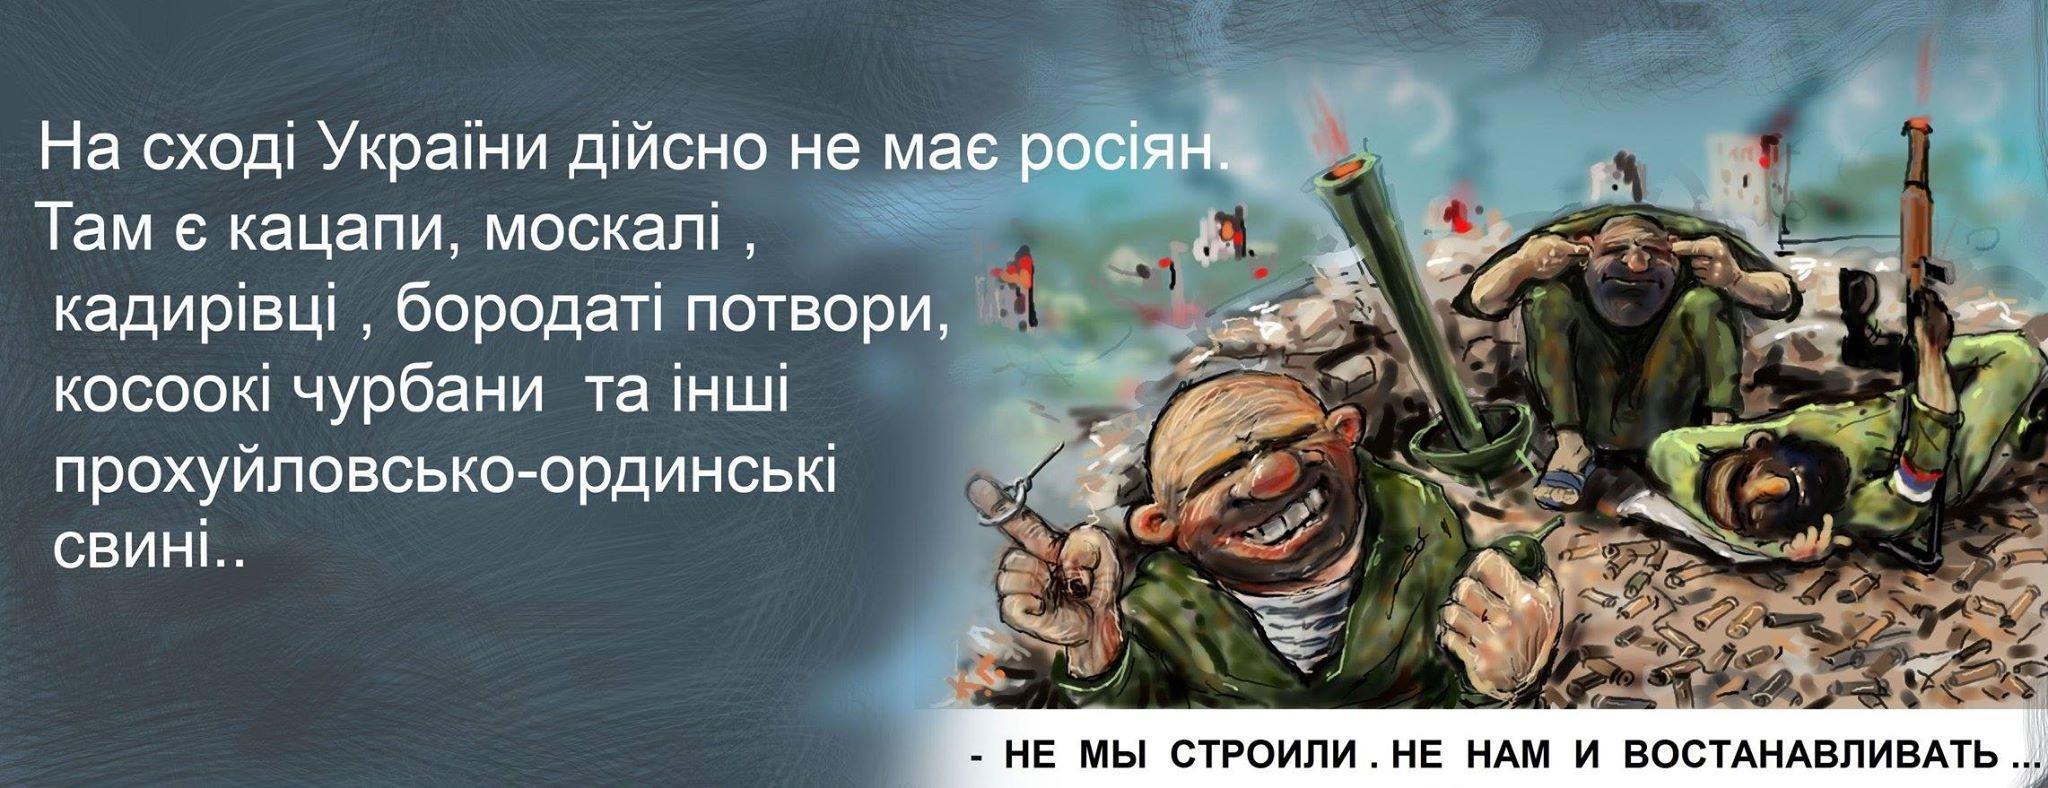 Террористы дважды пытались штурмовать Дебальцево, - спикер АТО - Цензор.НЕТ 197